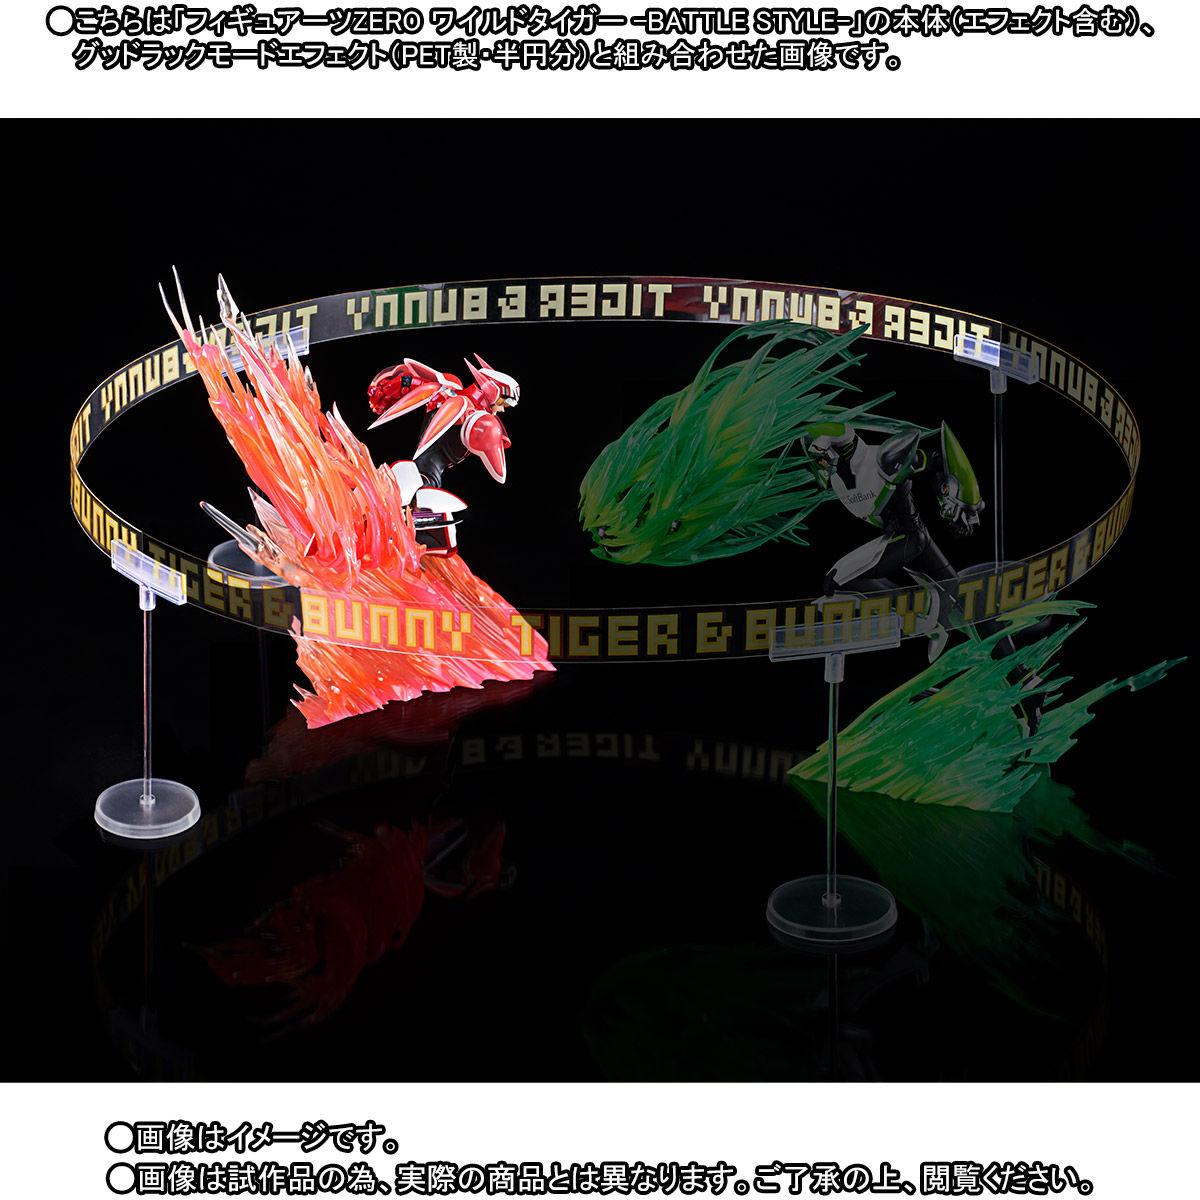 フィギュアーツZERO『バーナビー・ブルックスJr. -BATTLE STYLE-』TIGER & BUNNY 完成品フィギュア-007